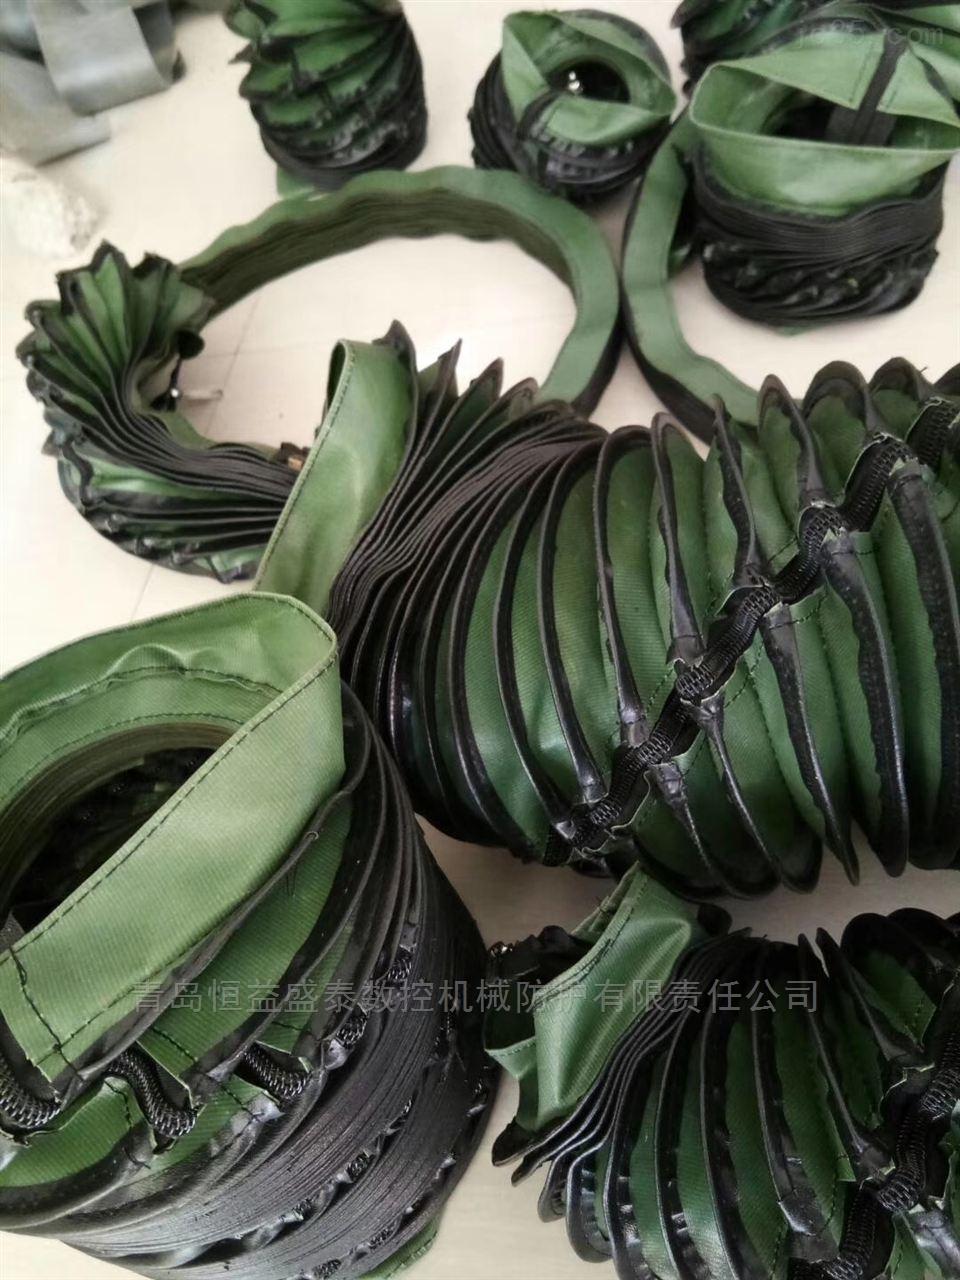 缝制粘锁式防尘罩-魔术贴式防护罩